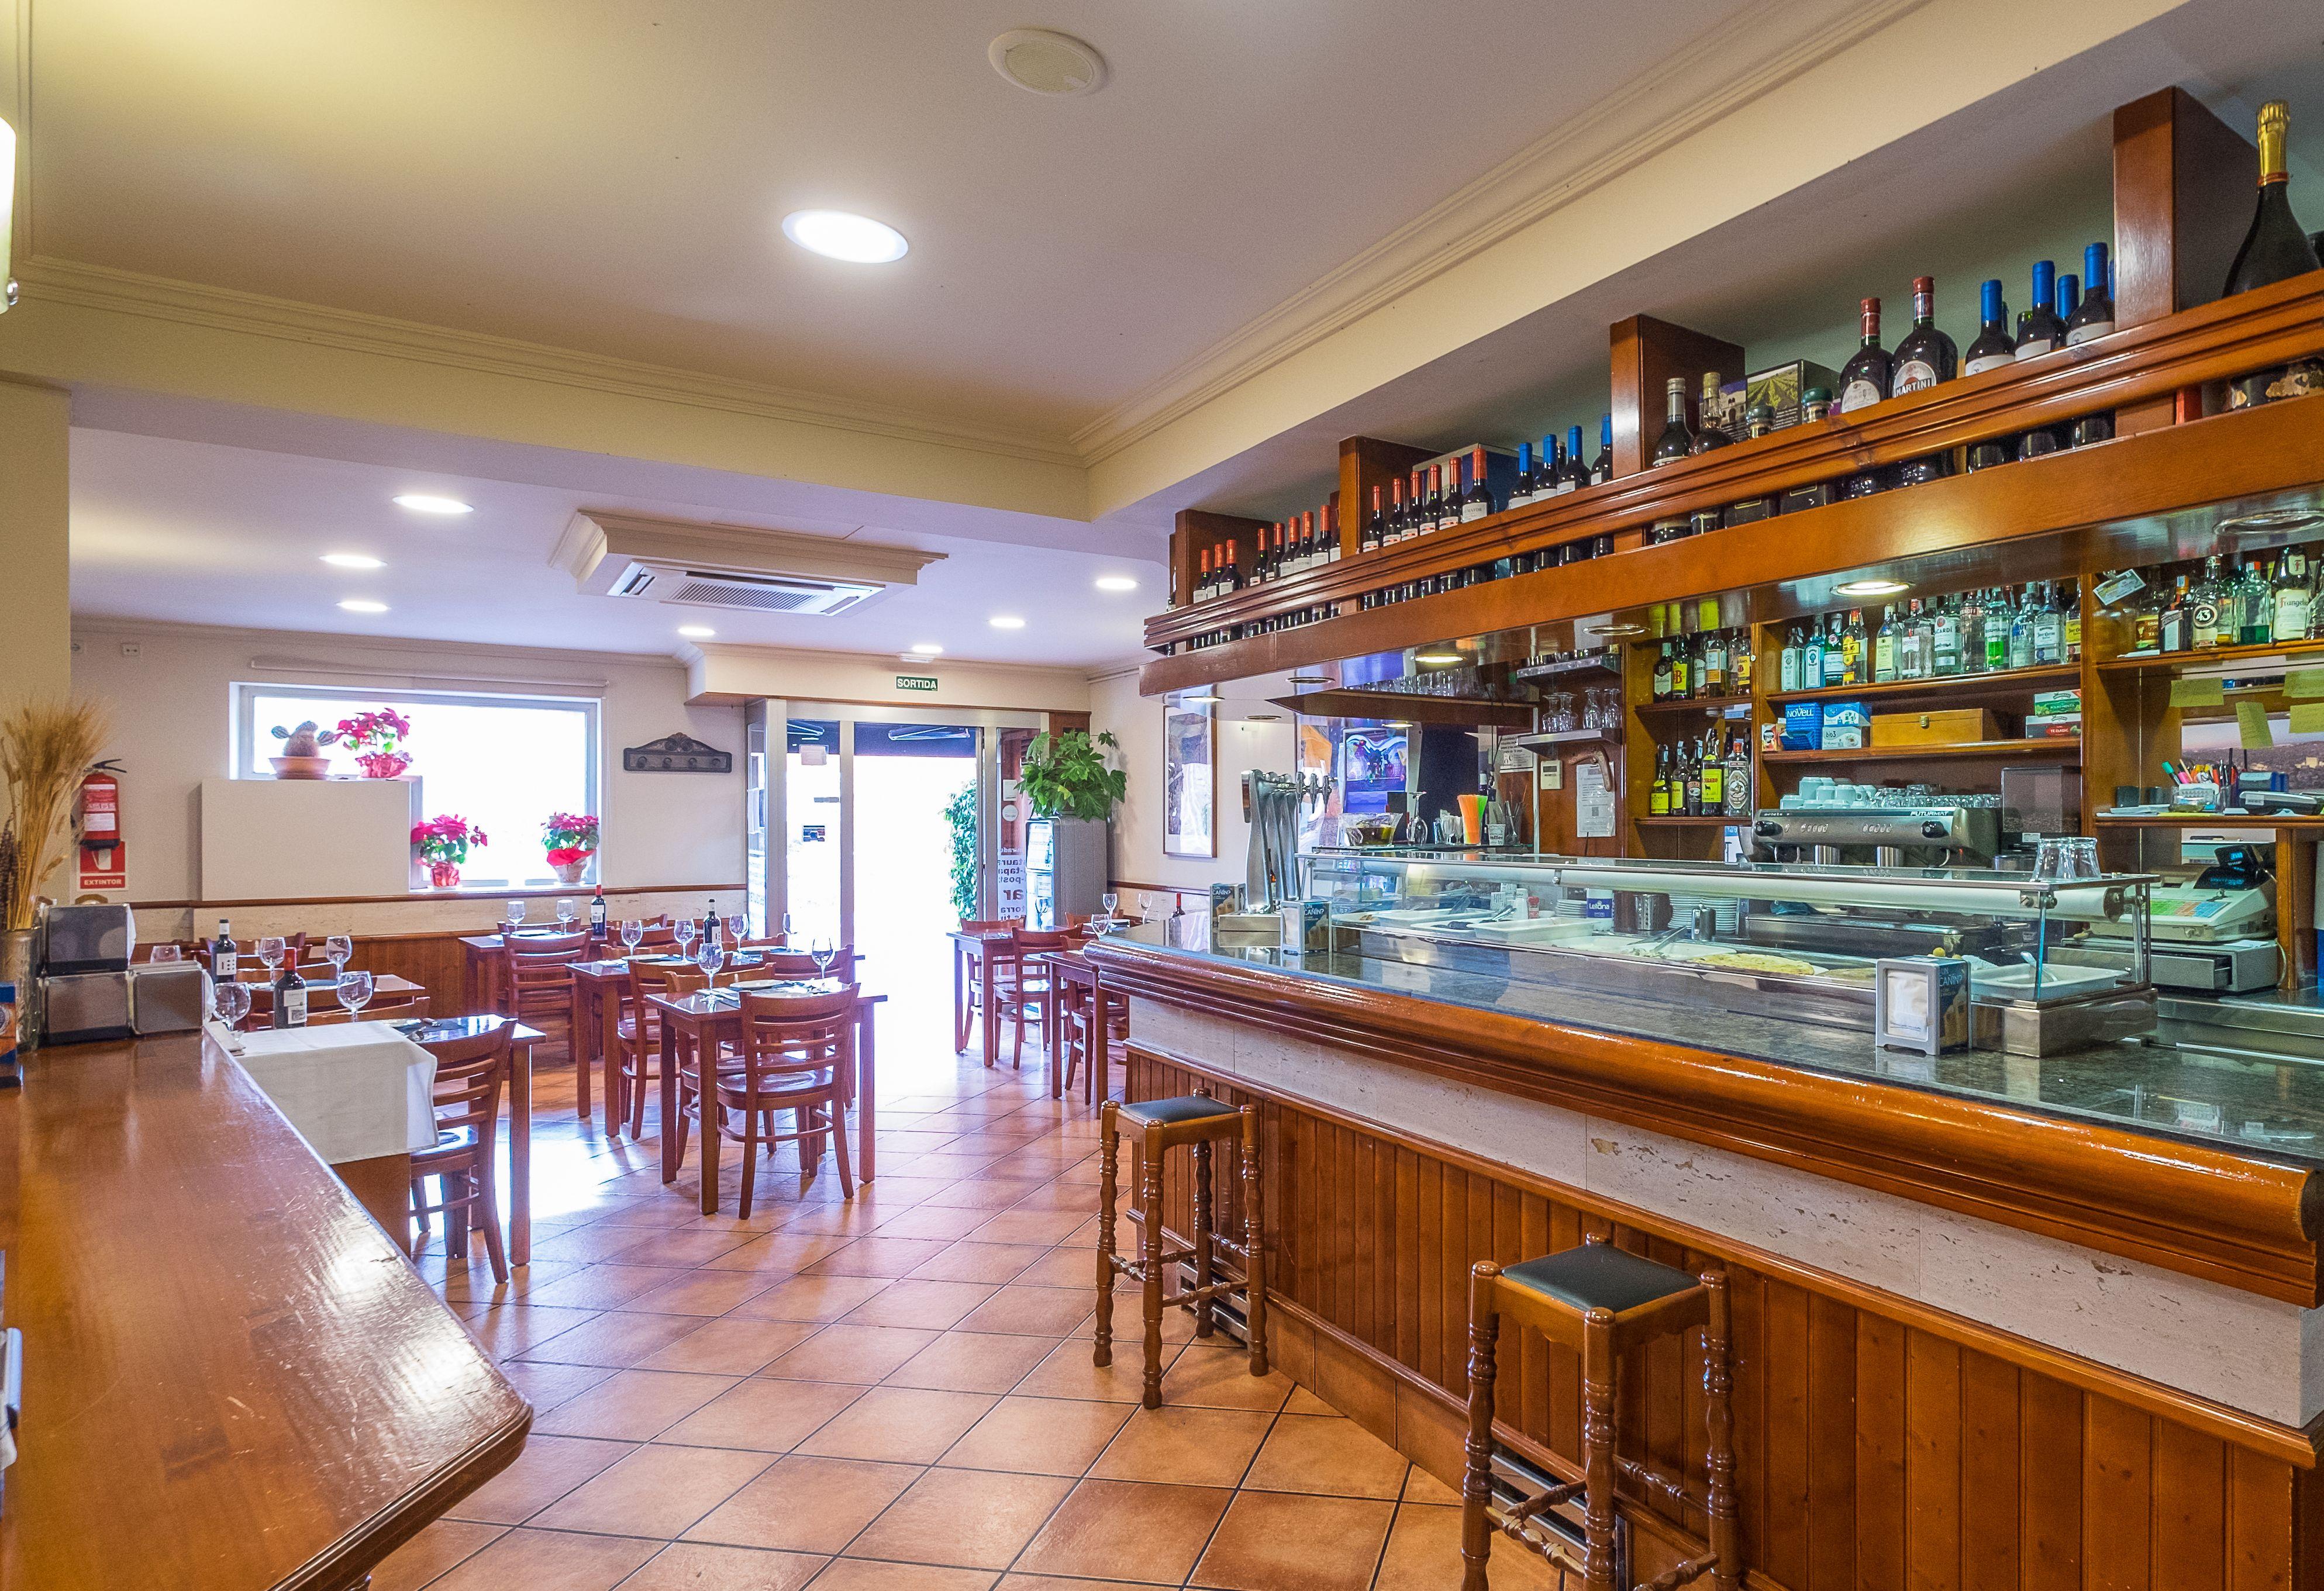 Foto 1 de Cocina andaluza en Barcelona | Bar Restaurante El Mirador de Carmelo II